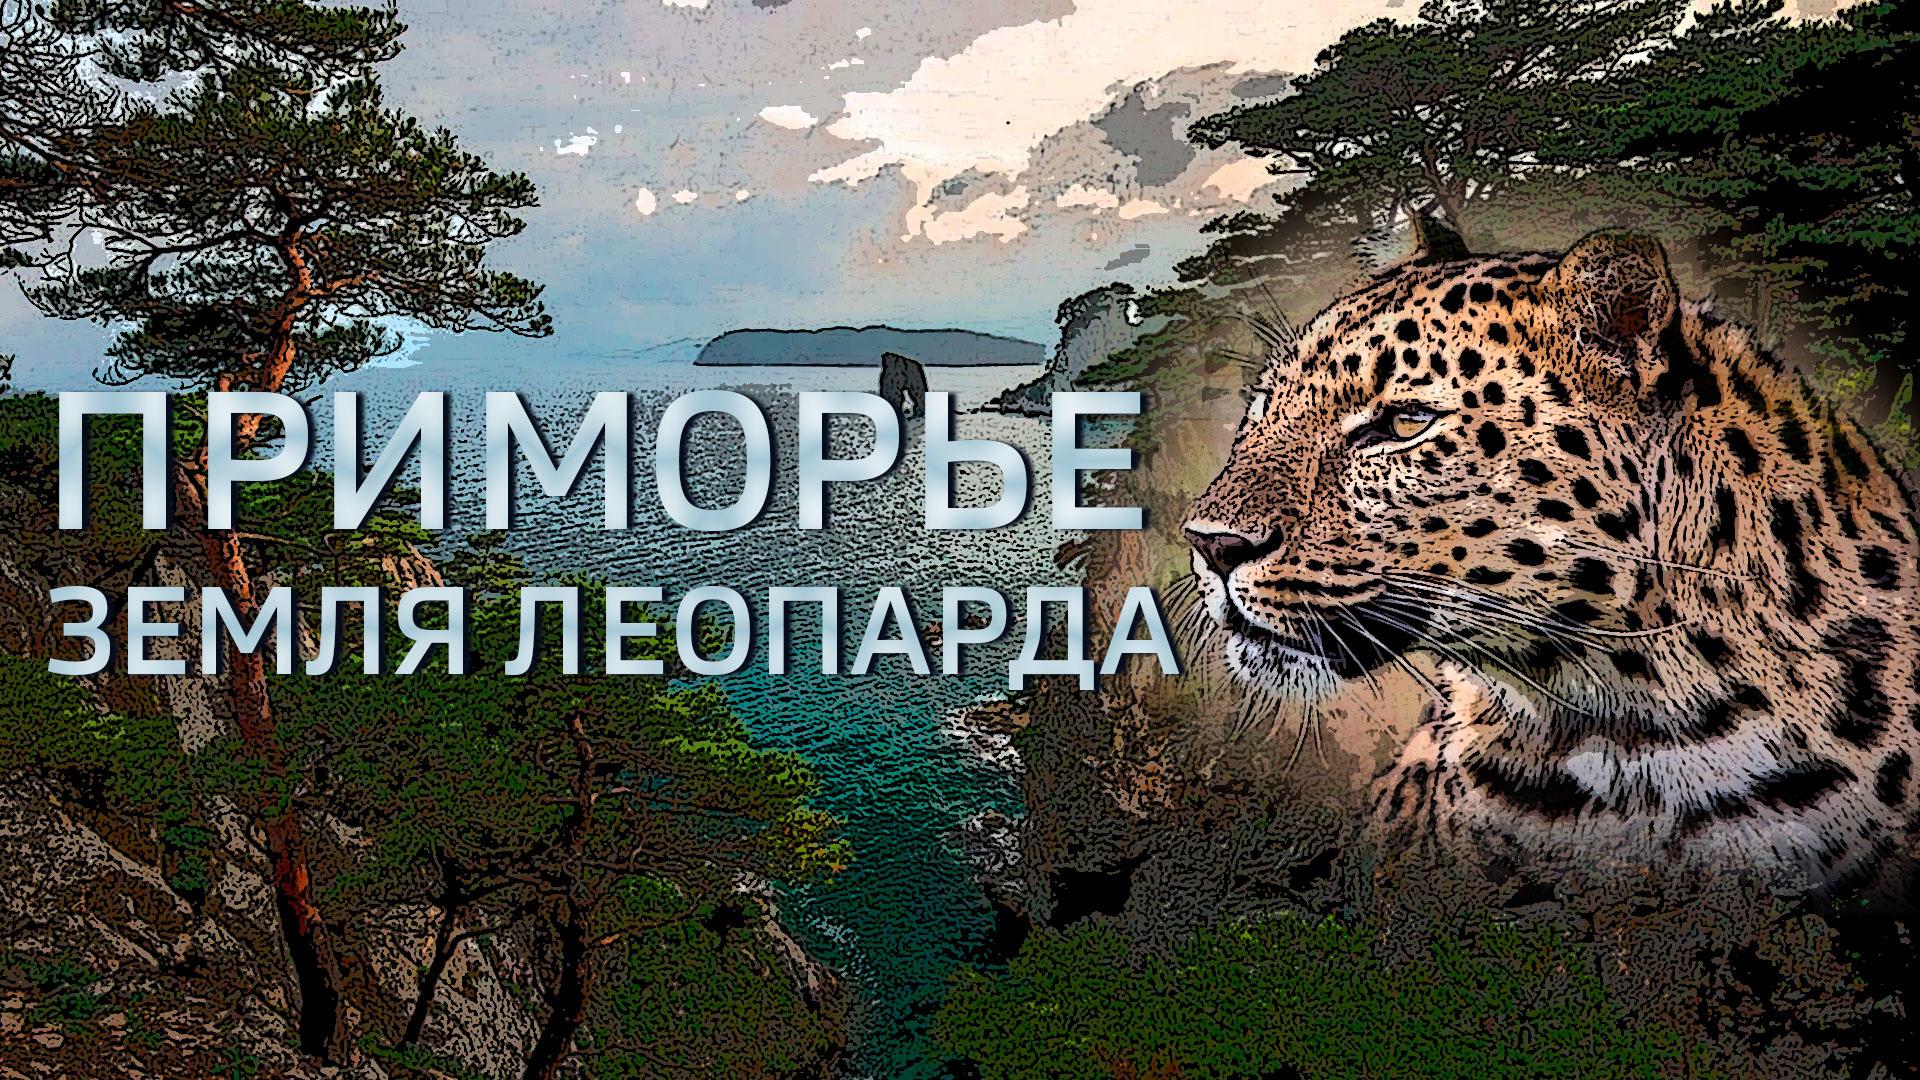 Приморье. Земля леопарда